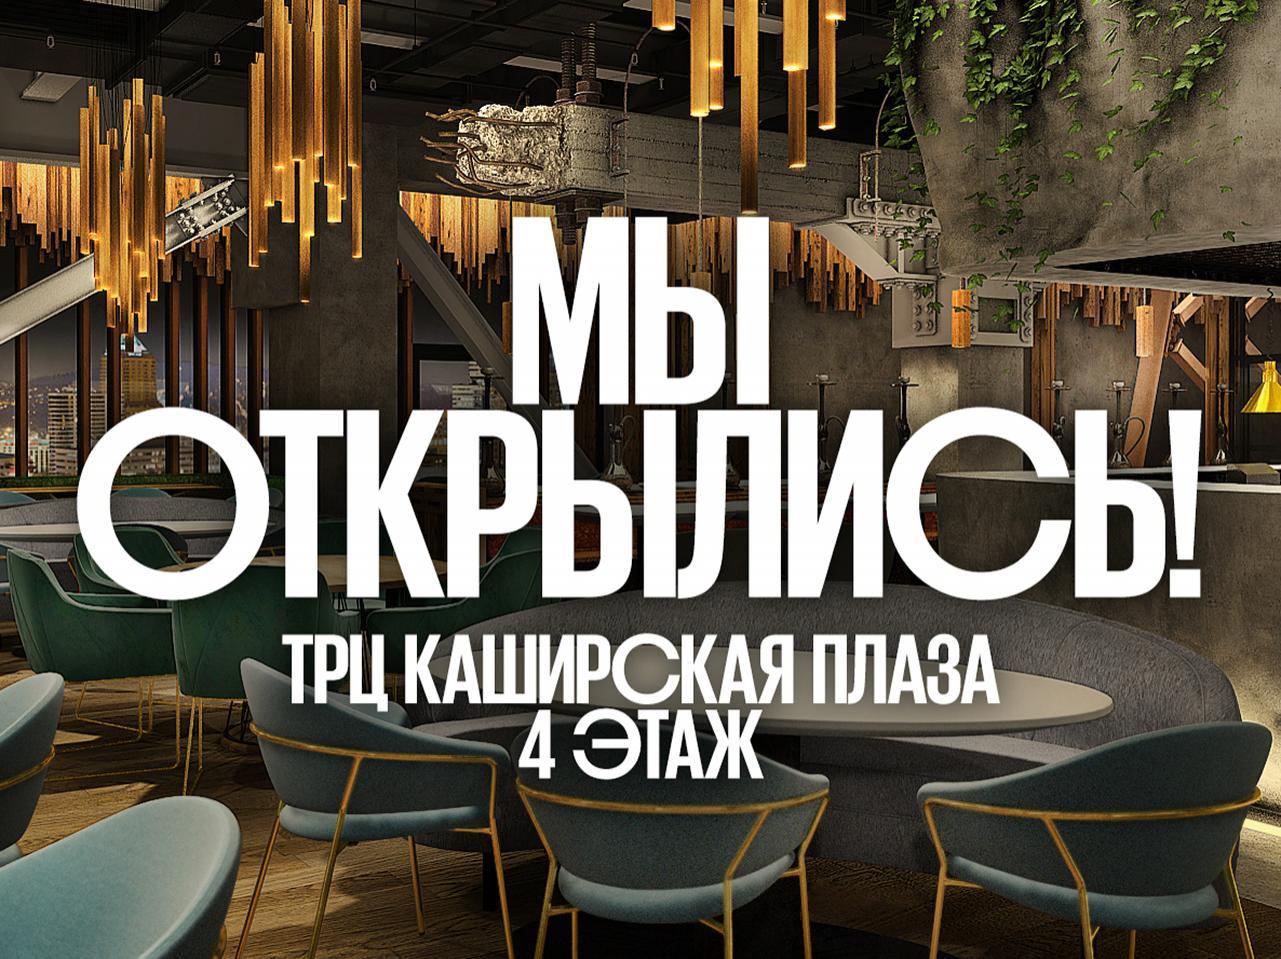 Новая Чайхона №1 в ТРЦ «Каширская Плаза»